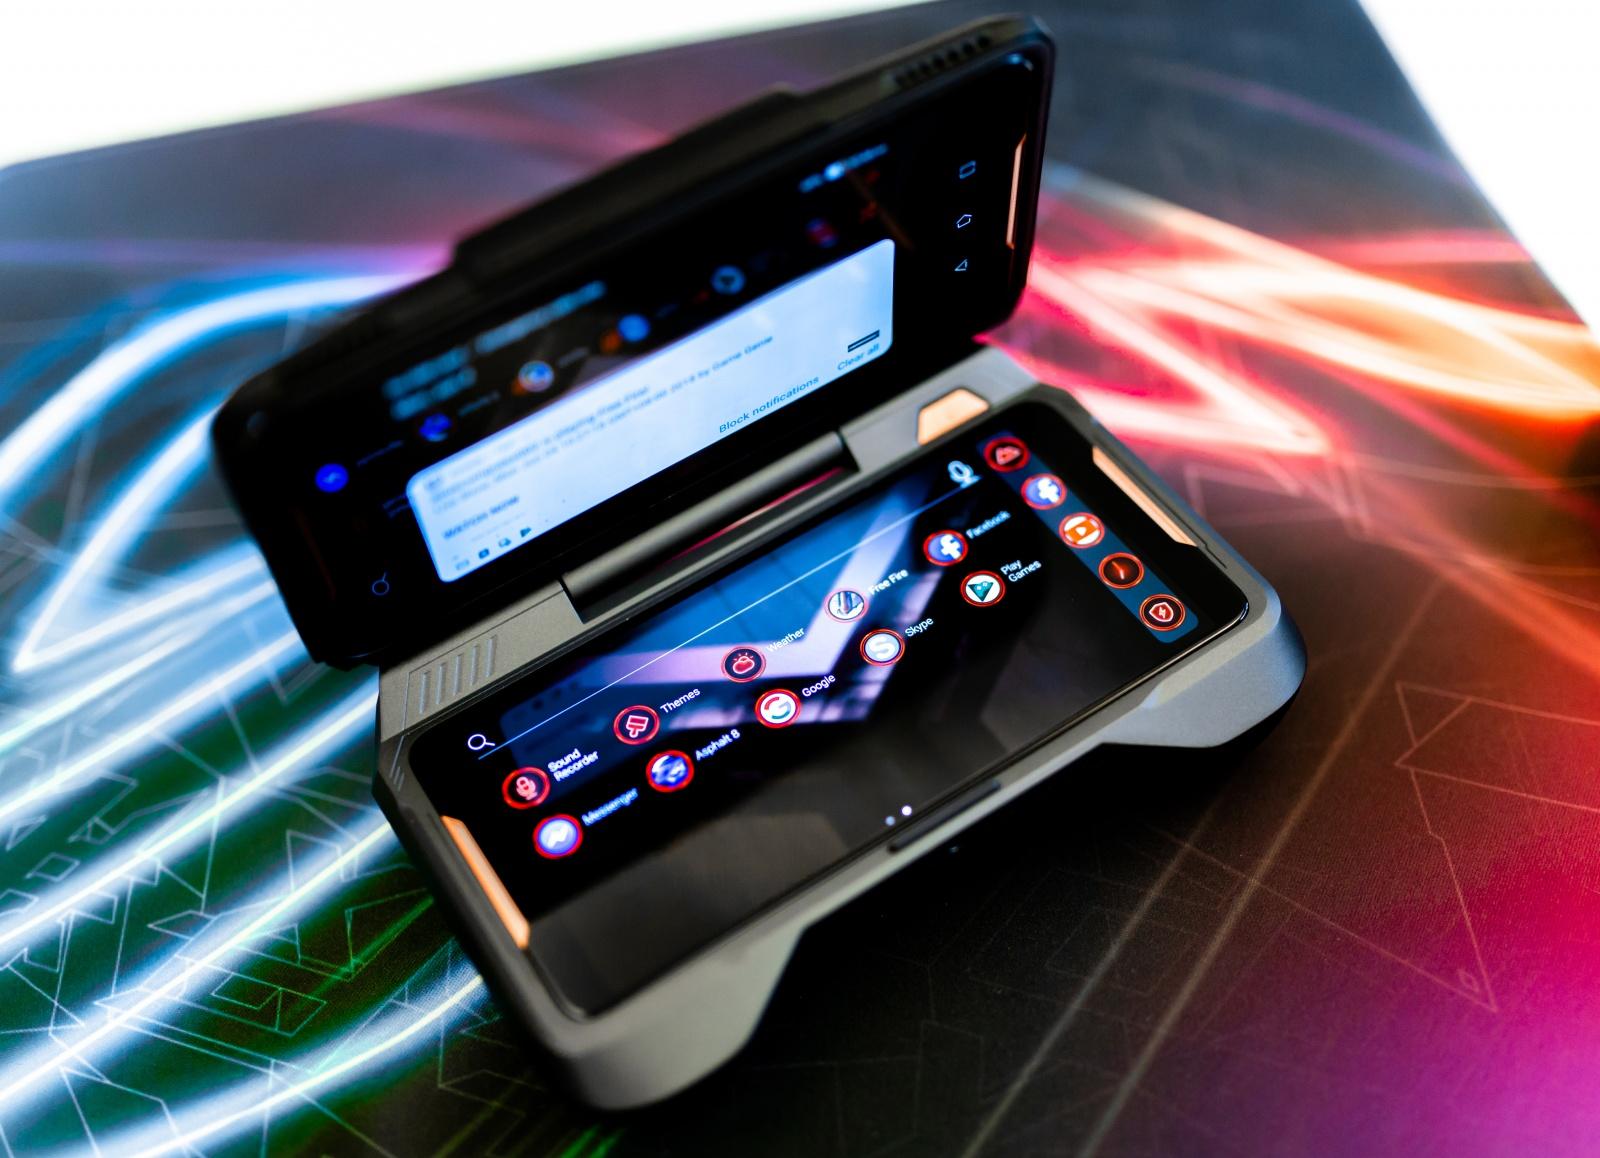 Первый взгляд на геймерский смартфон ASUS ROG Phone - 24